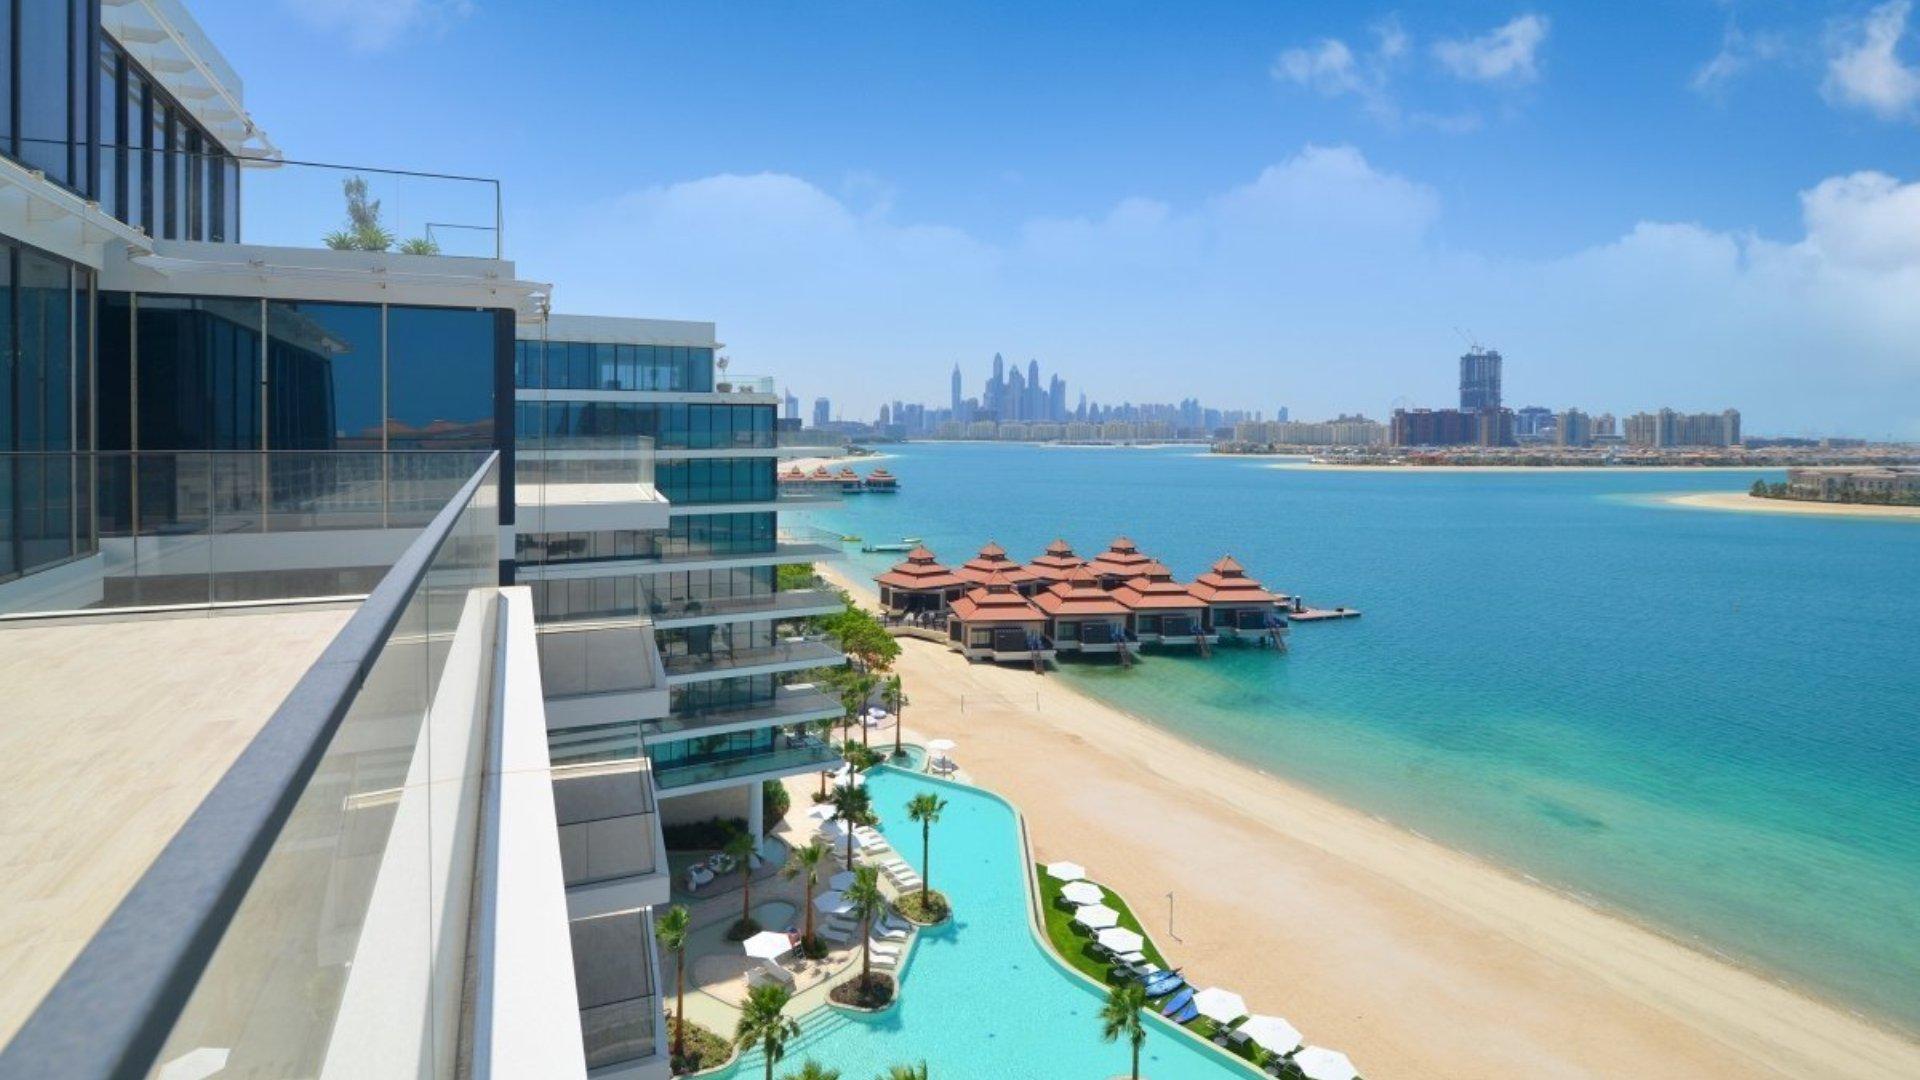 Ático en venta en Dubai, EAU, 4 dormitorios, 310 m2, № 24383 – foto 2